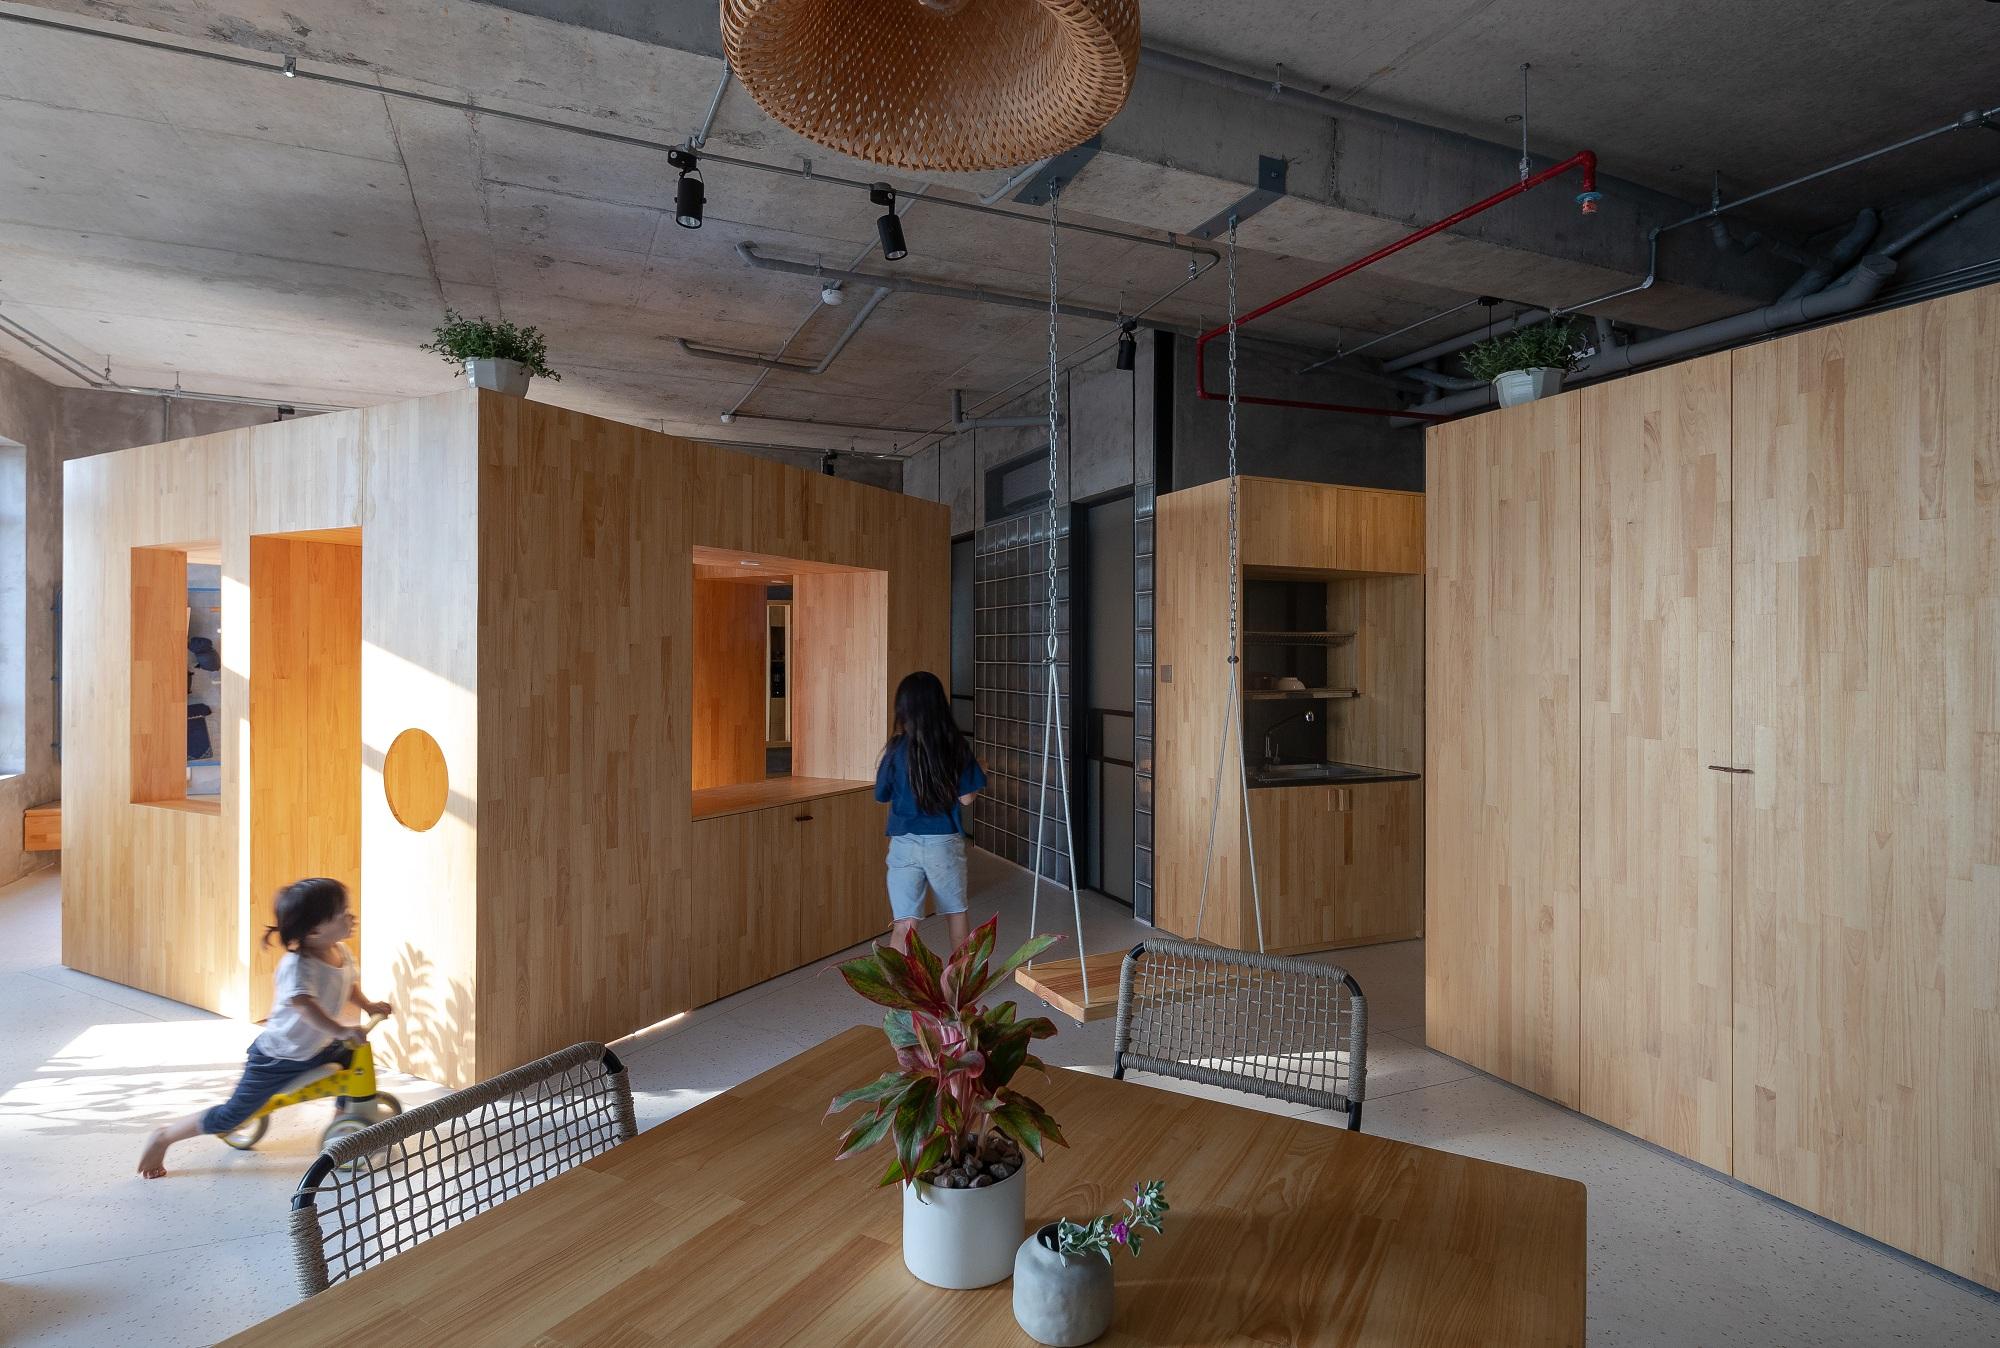 Điểm nhấn của công trình là khối hộp gỗ ở trung tâm nhà.